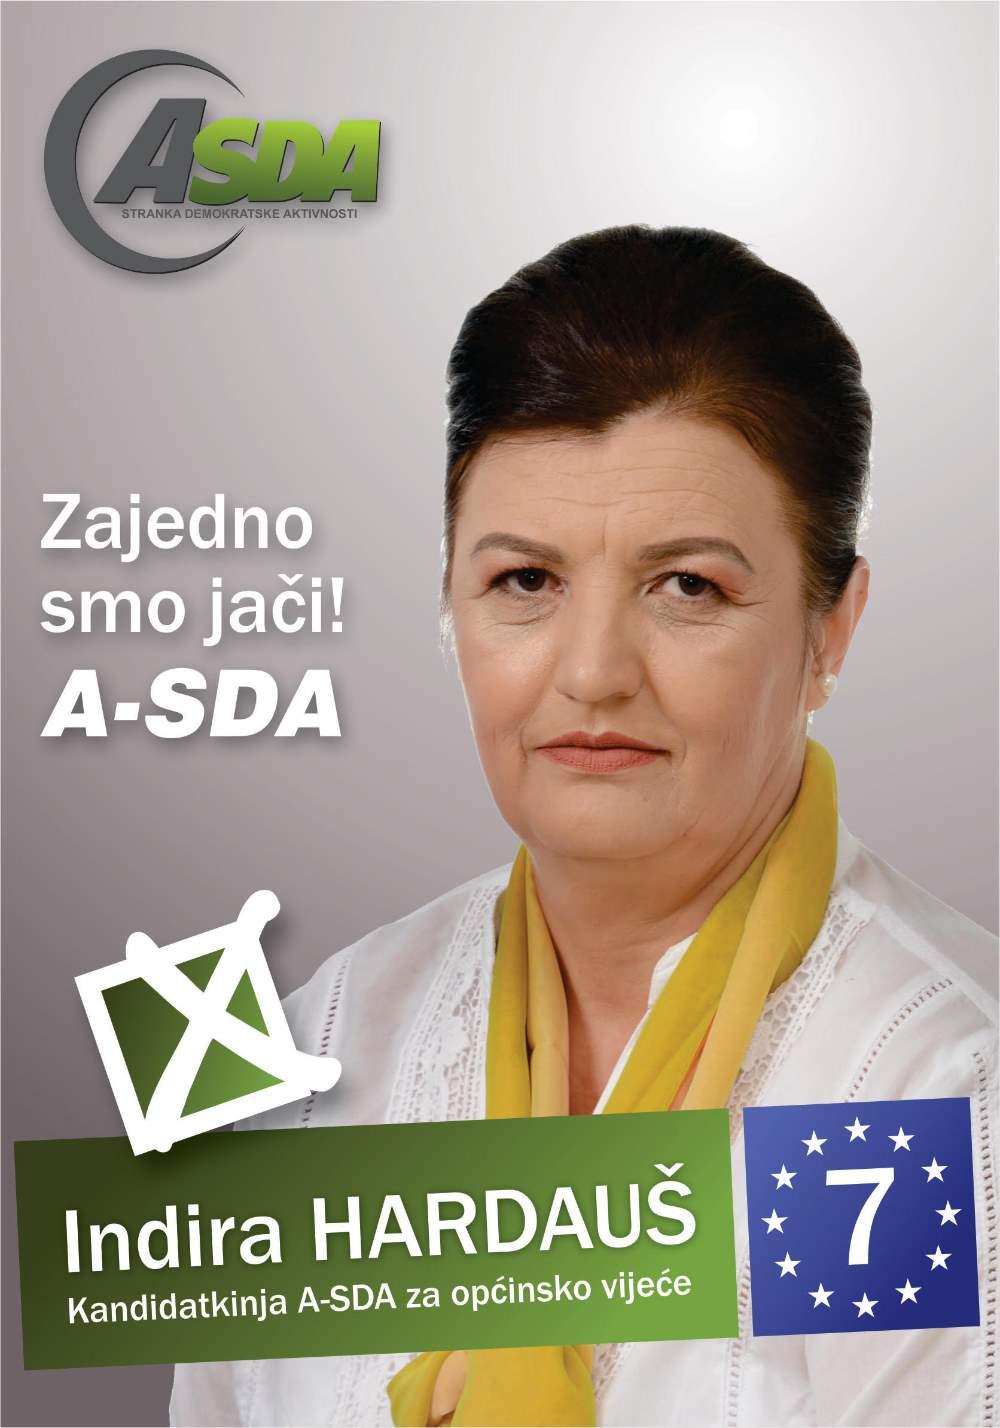 Indira Hardauš